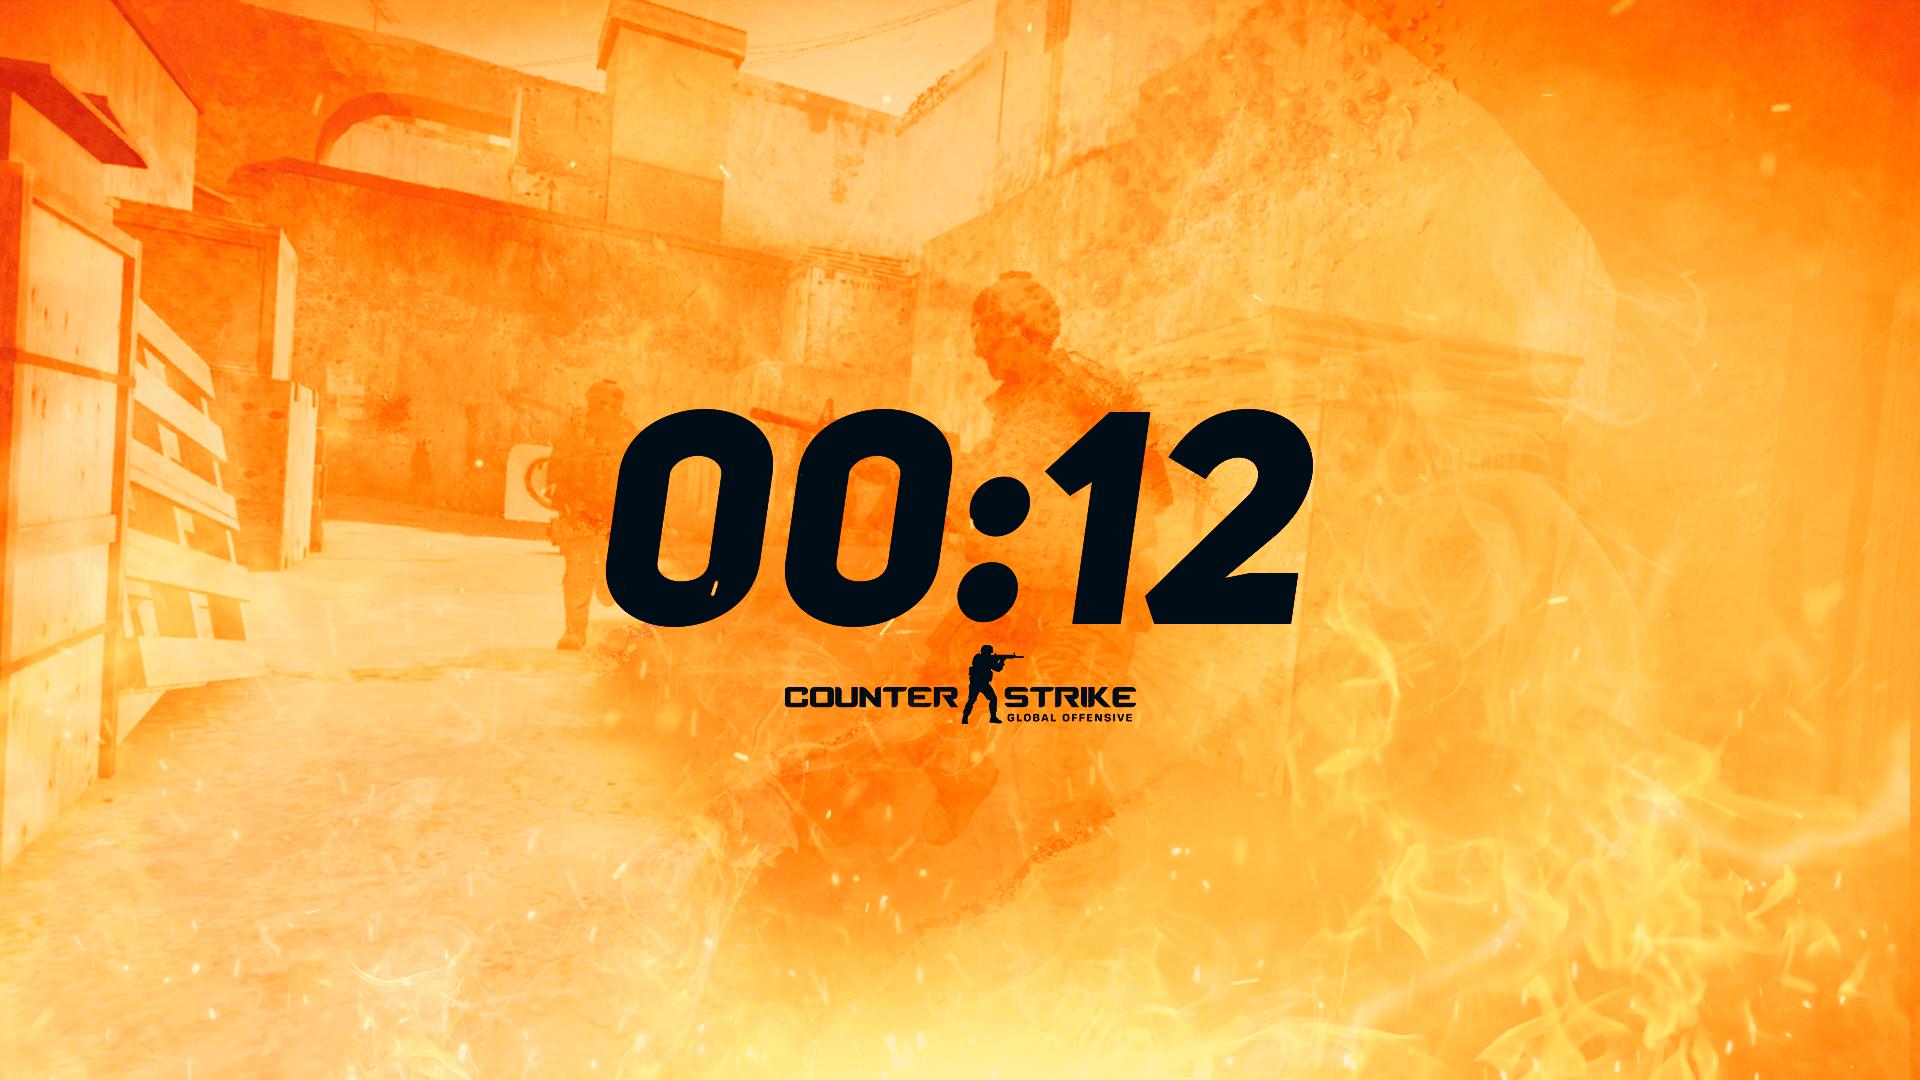 CS:GO Countdown